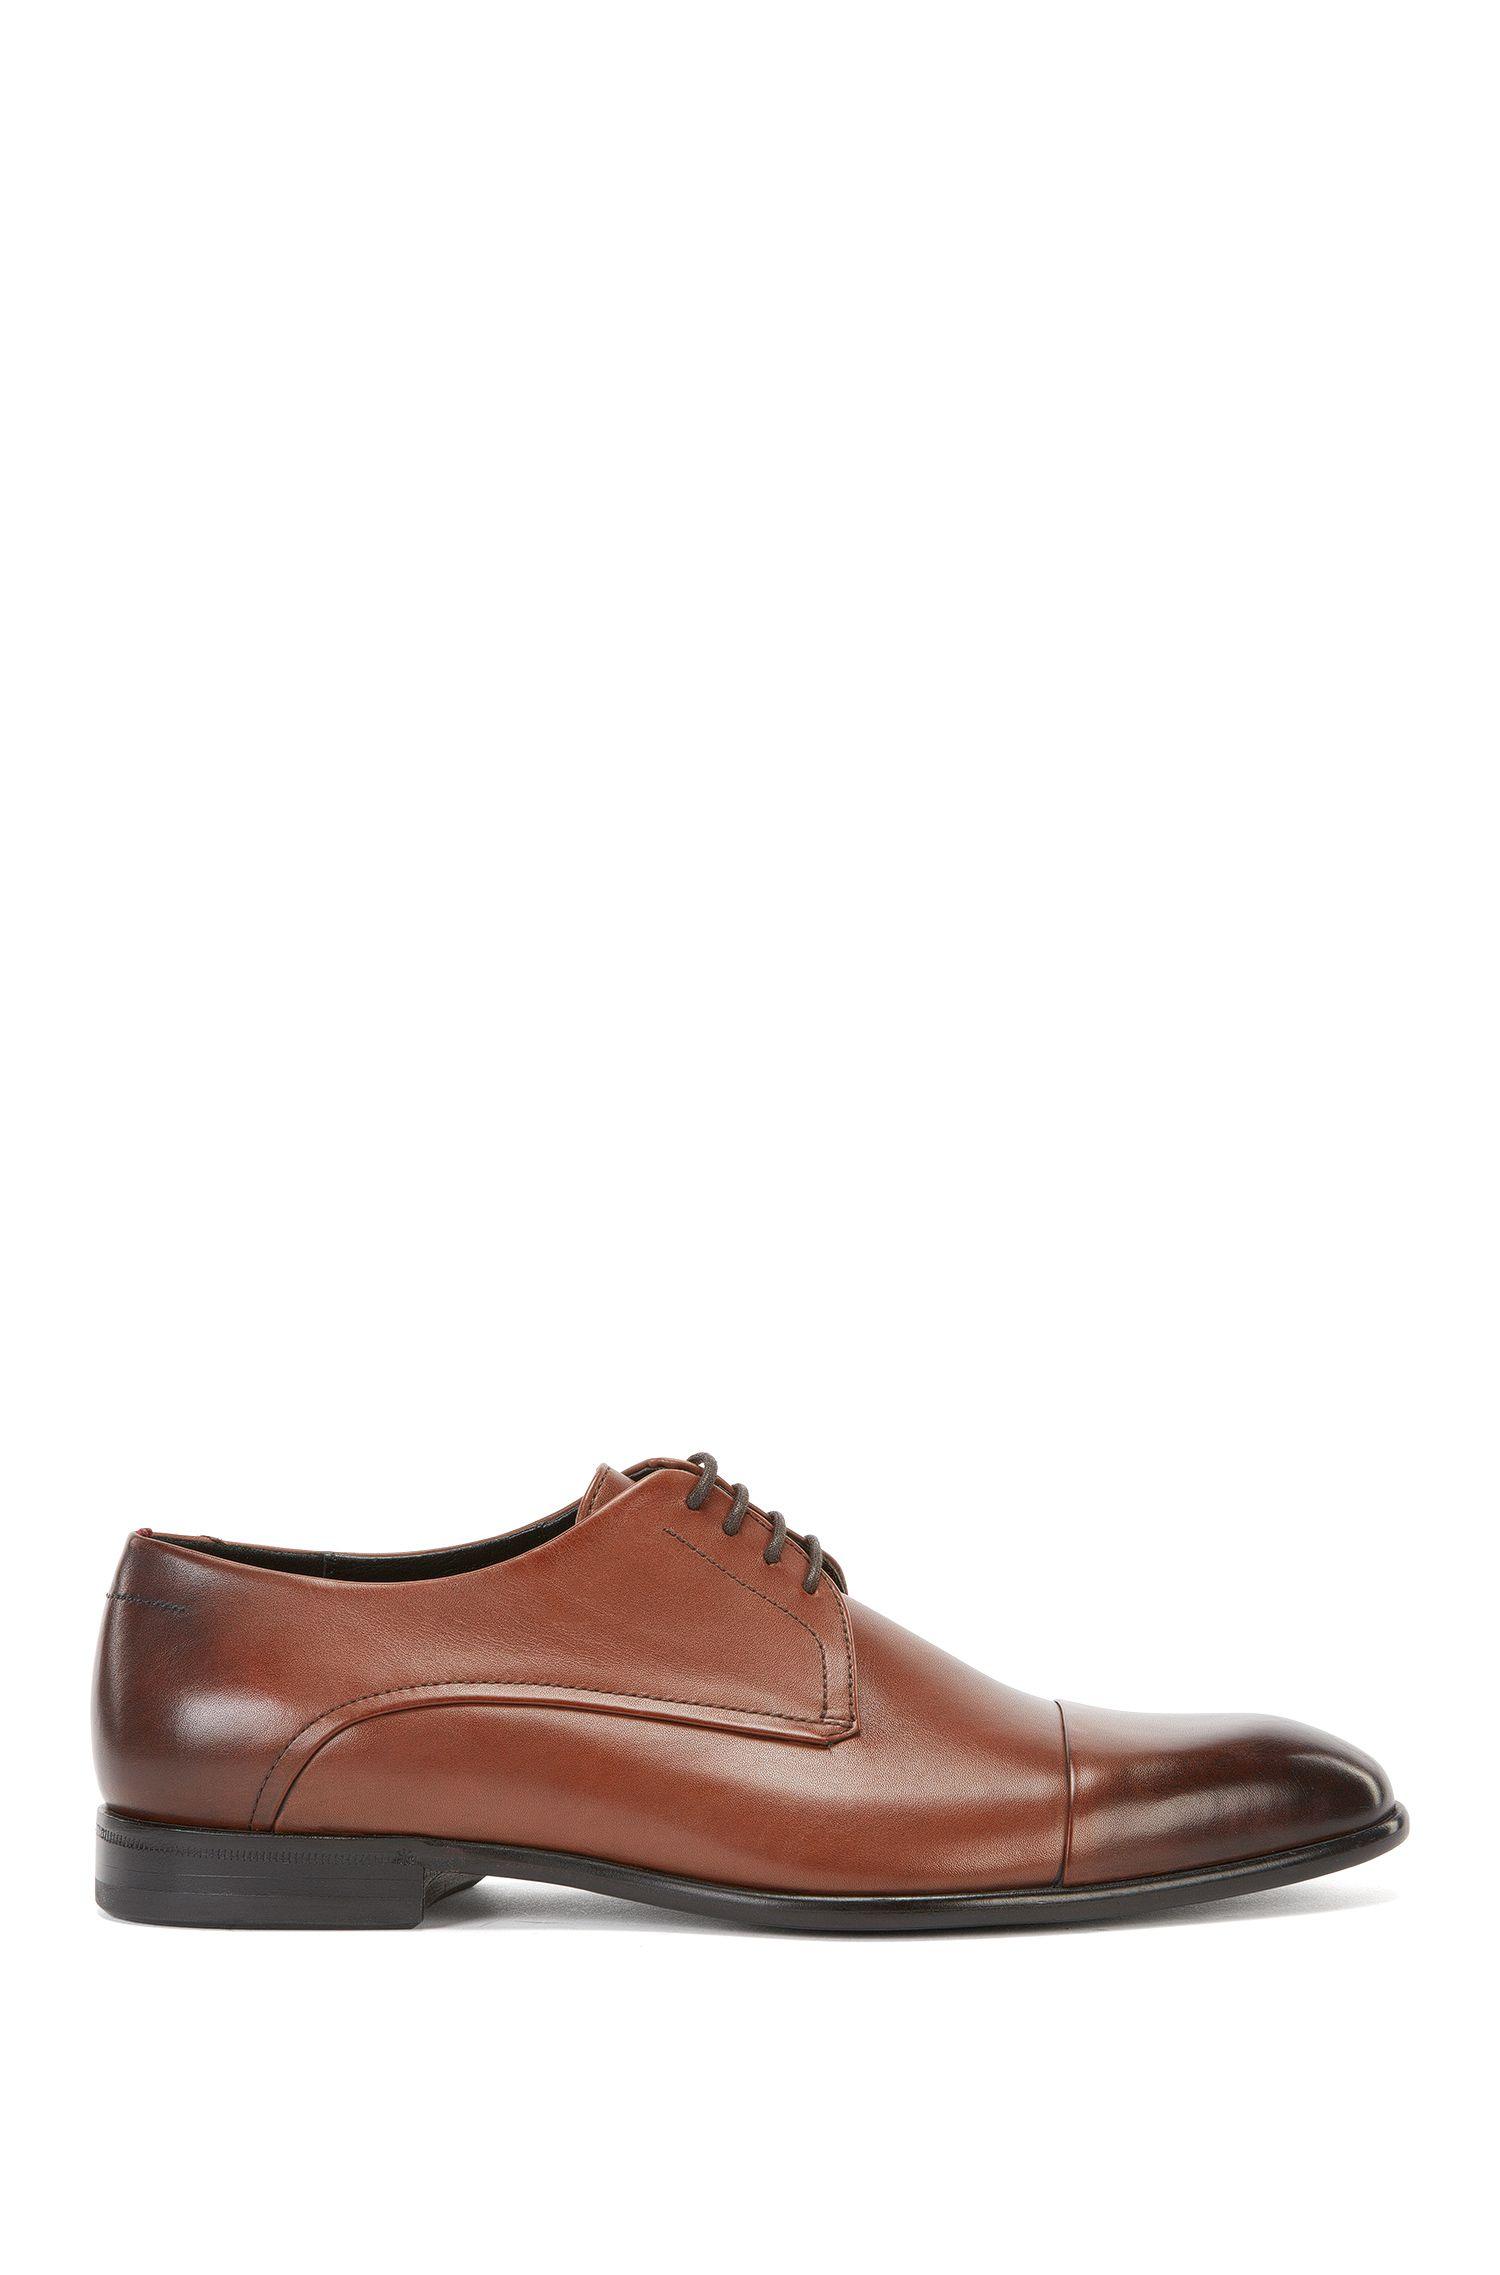 Italian Leather Derby Dress Shoe | Dressapp Derb Buctst, Brown